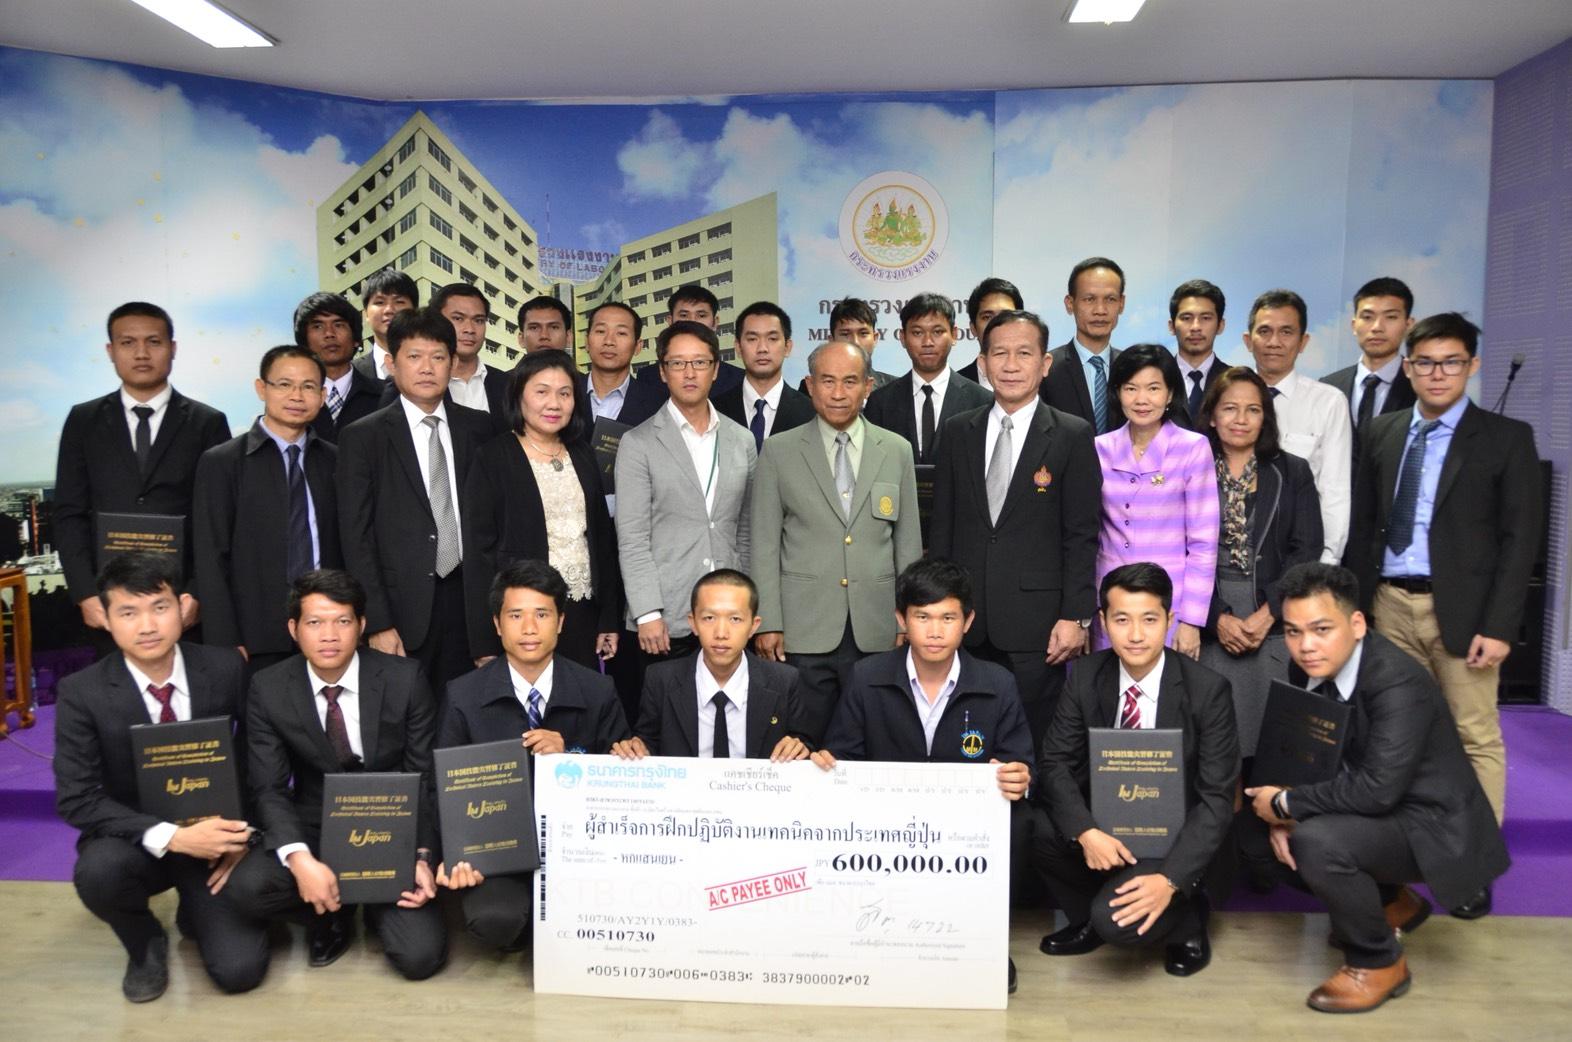 ผู้สำเร็จการฝึกปฏิบัติงานเทคนิคในประเทศญี่ปุ่นรับเงินสนับสนุนการประกอบอาชีพกว่า 11 ล้านบาท